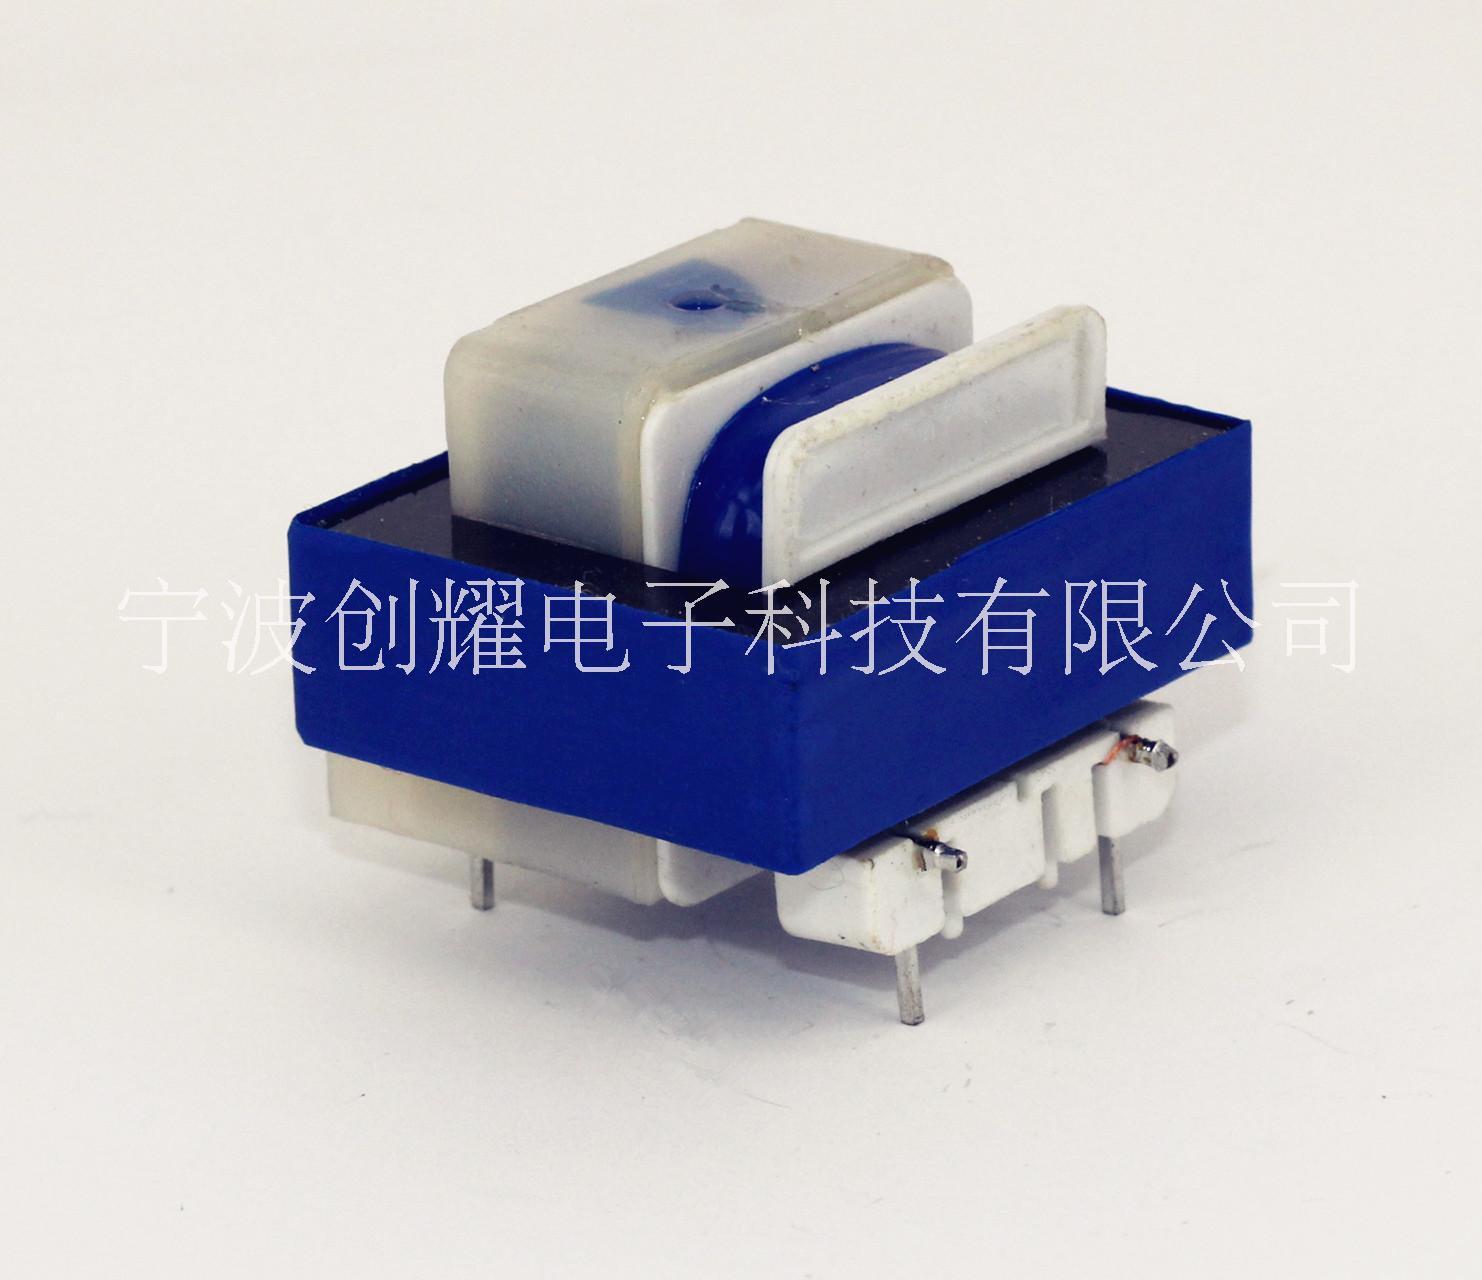 厂家直销变压器插针变压器EI型低频变压器定制变压器